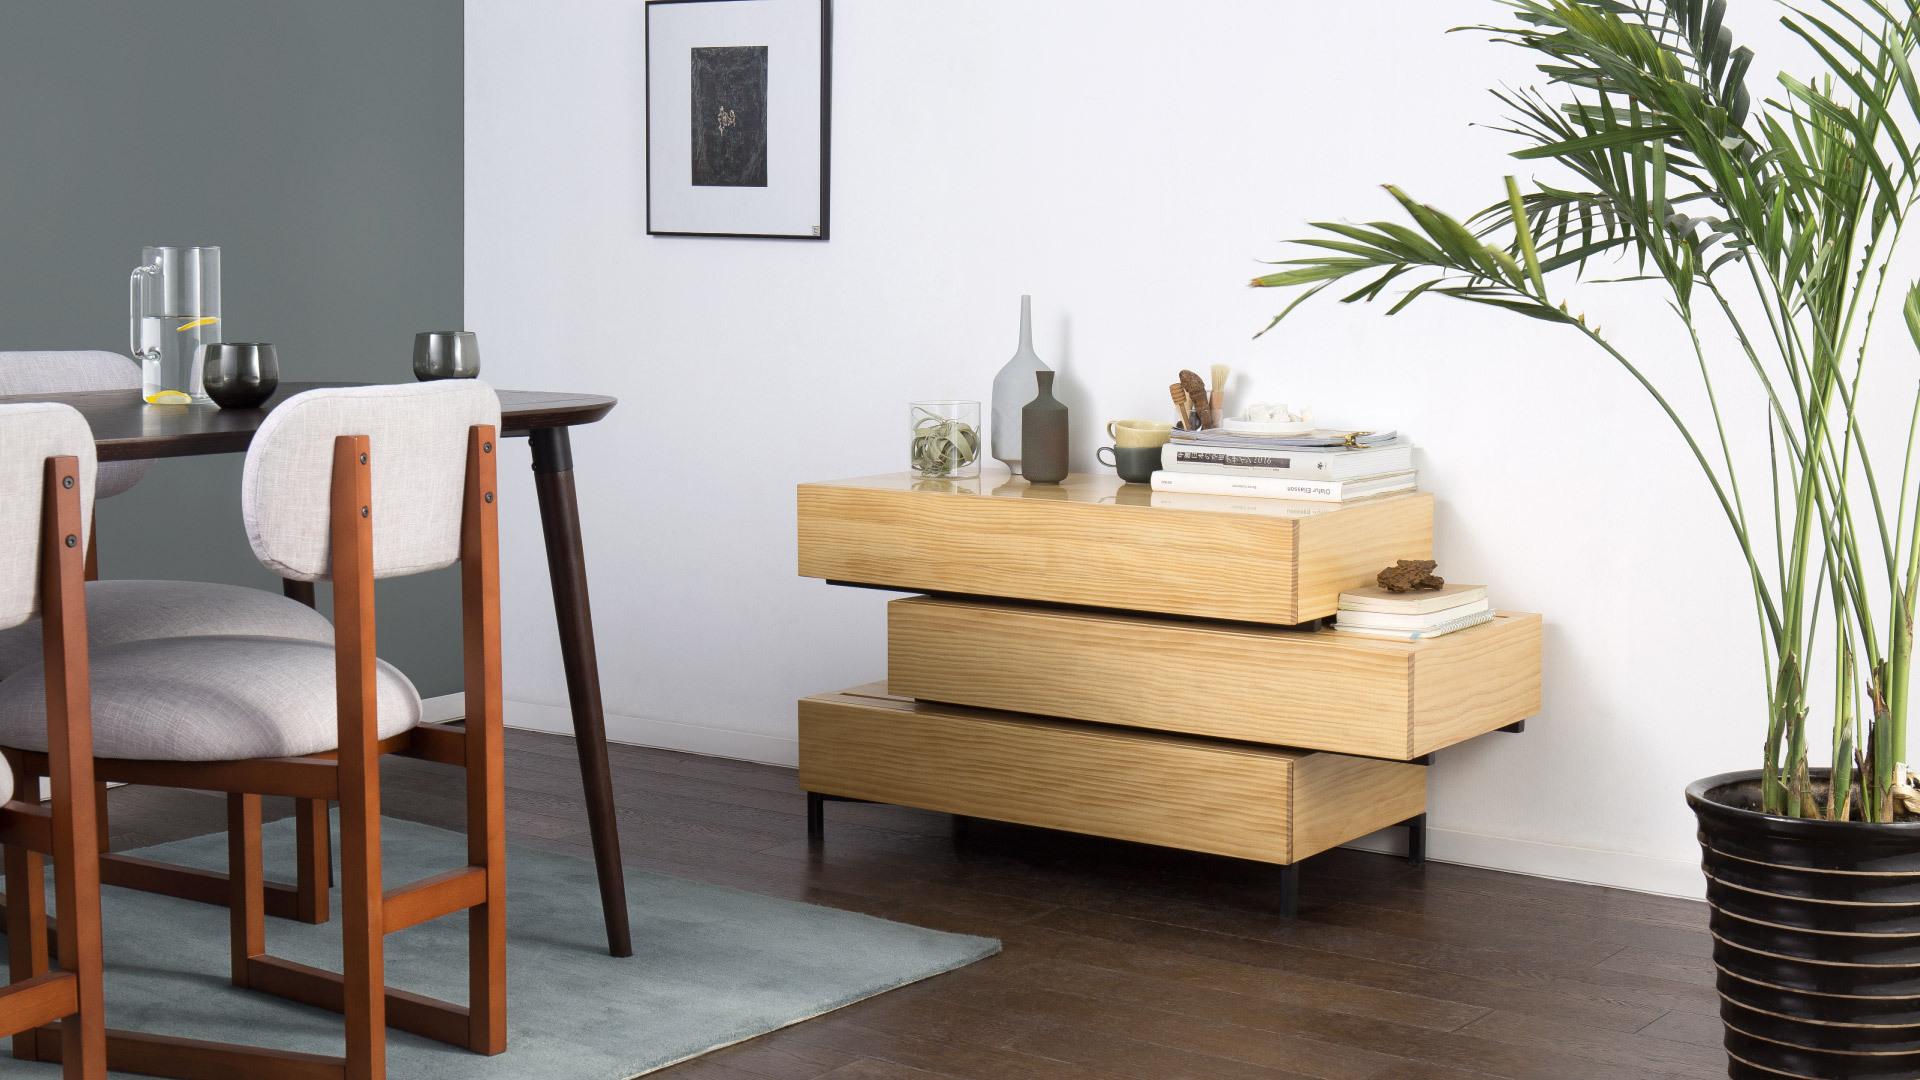 极简流动边柜,木质餐厅暖融融